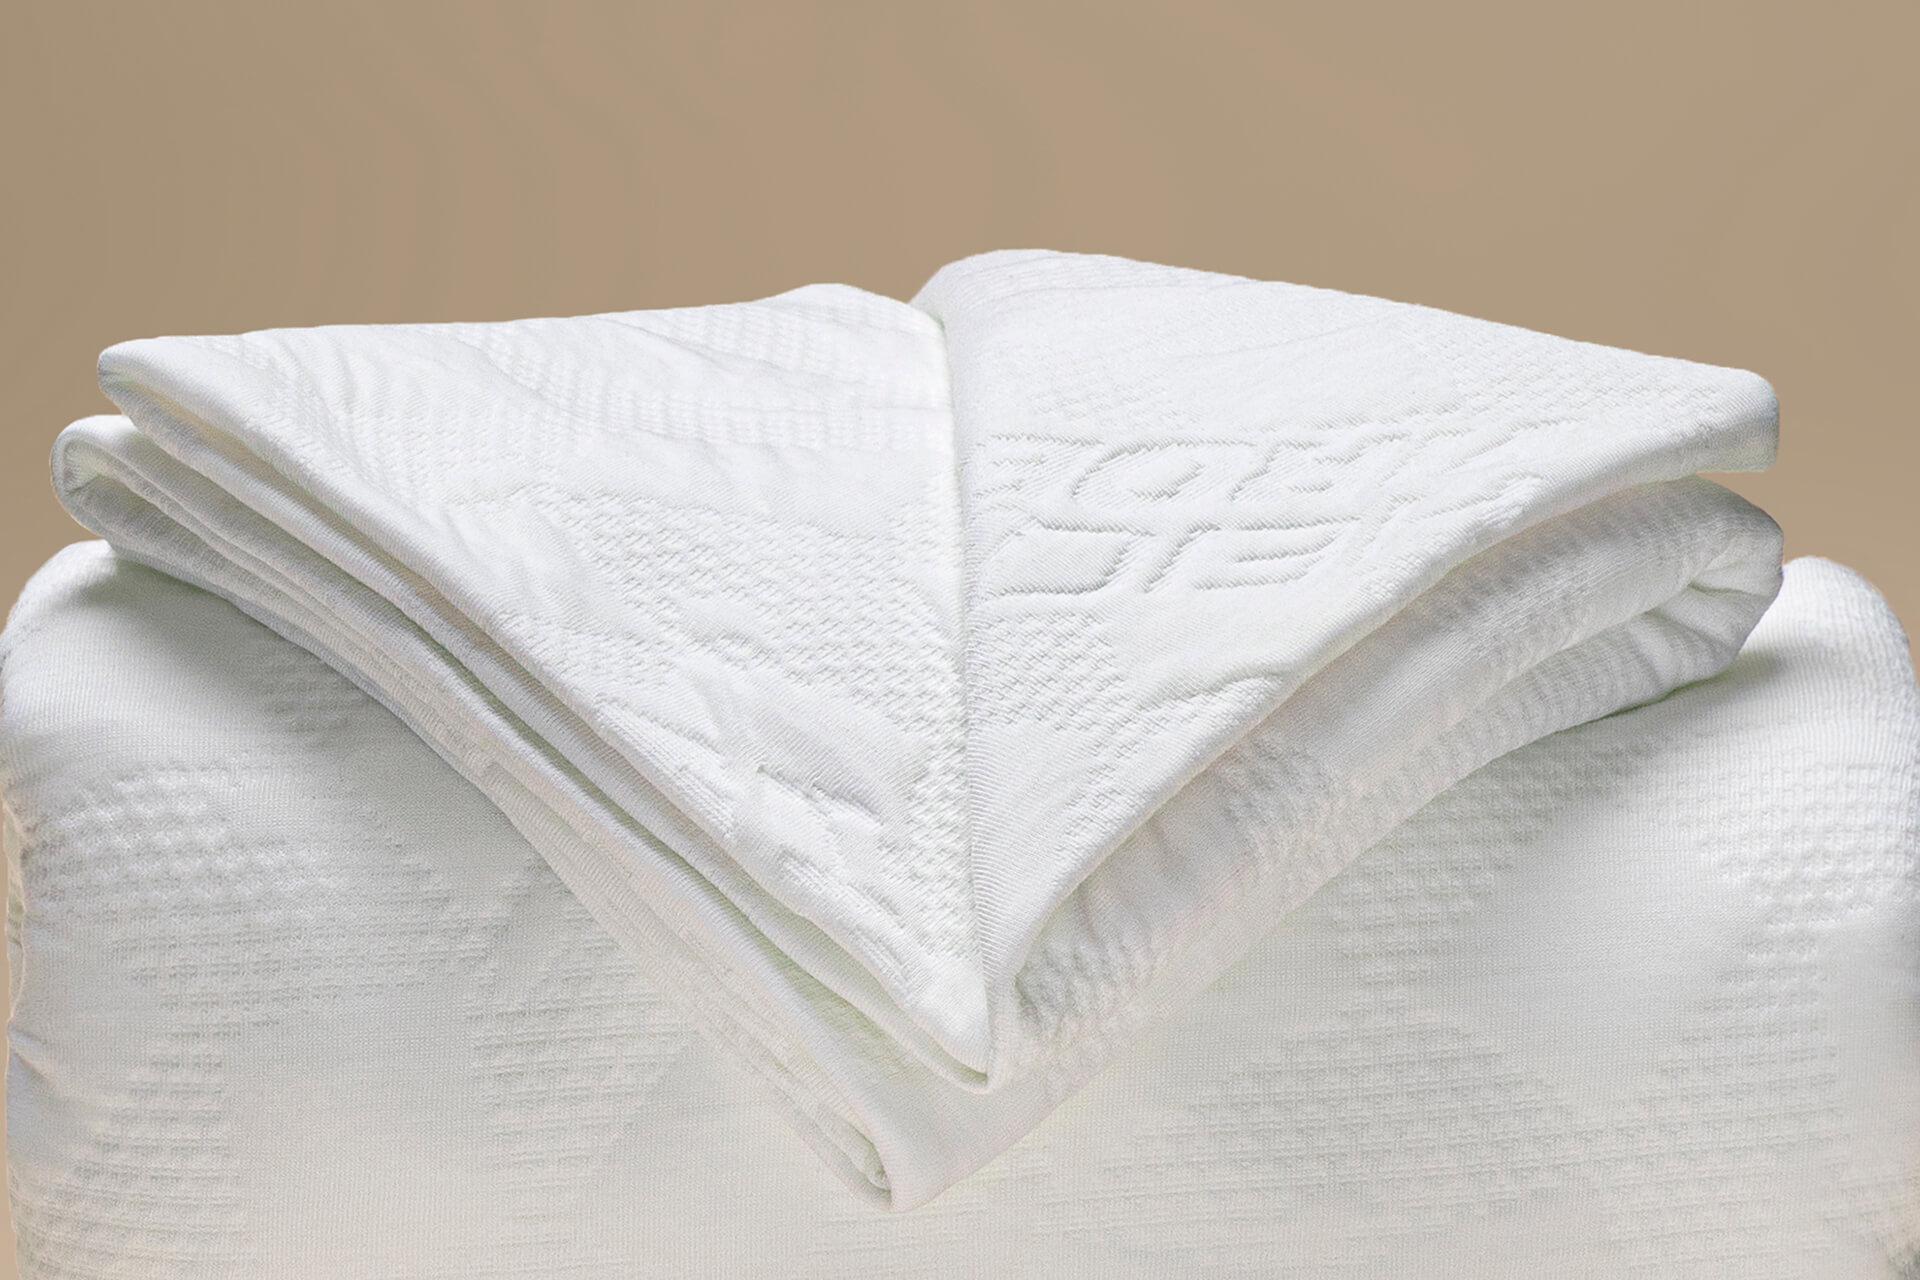 dettaglio coprimaterasso a maglia a cappuccio